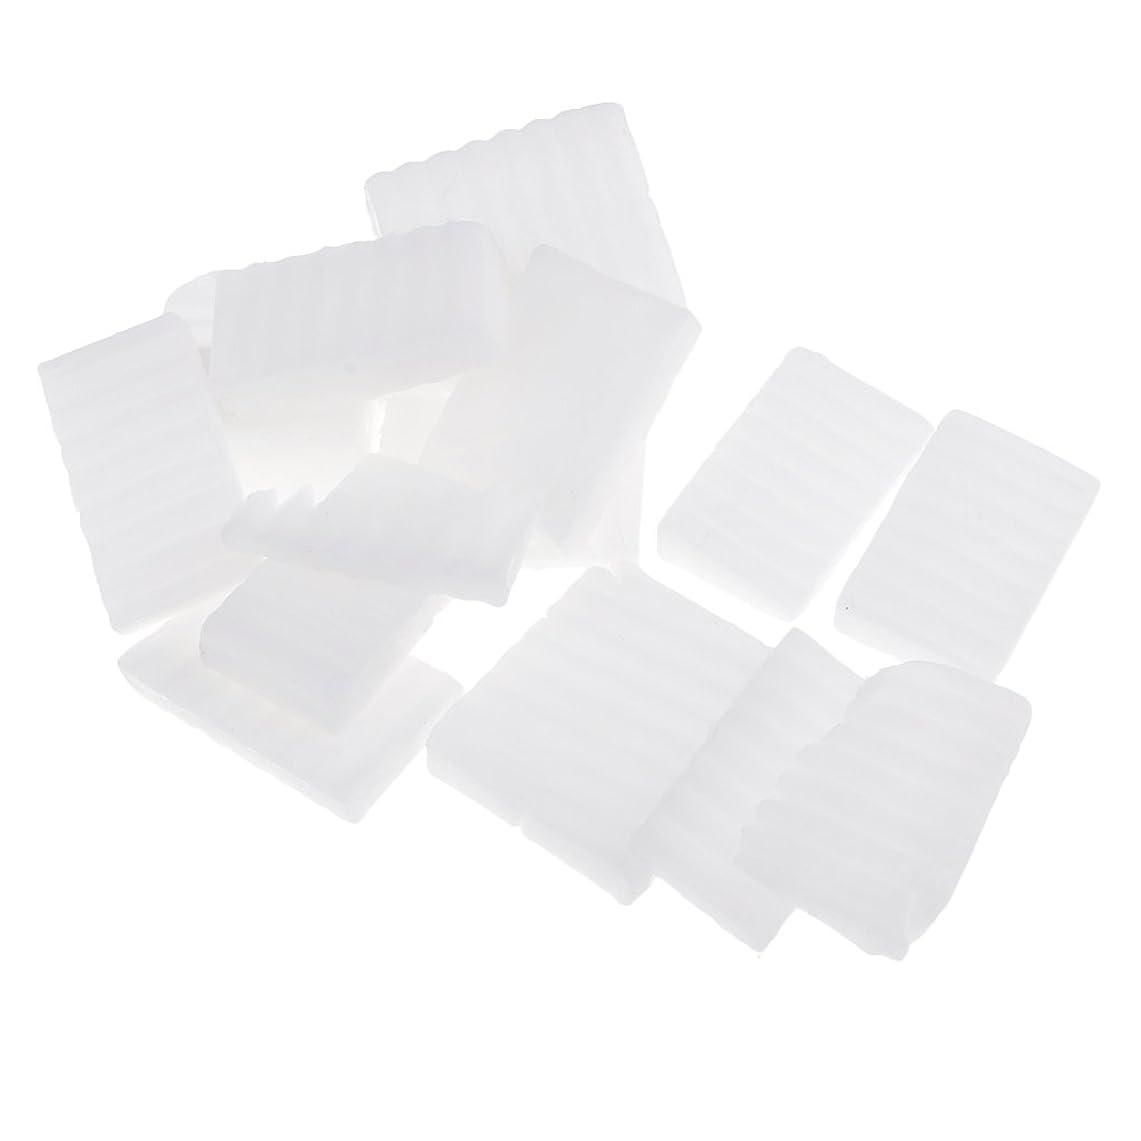 寸法鳥一般化するPerfk 白い 石鹸ベース DIY 手作り 石鹸 材料 約500g 手作り 石鹸のため